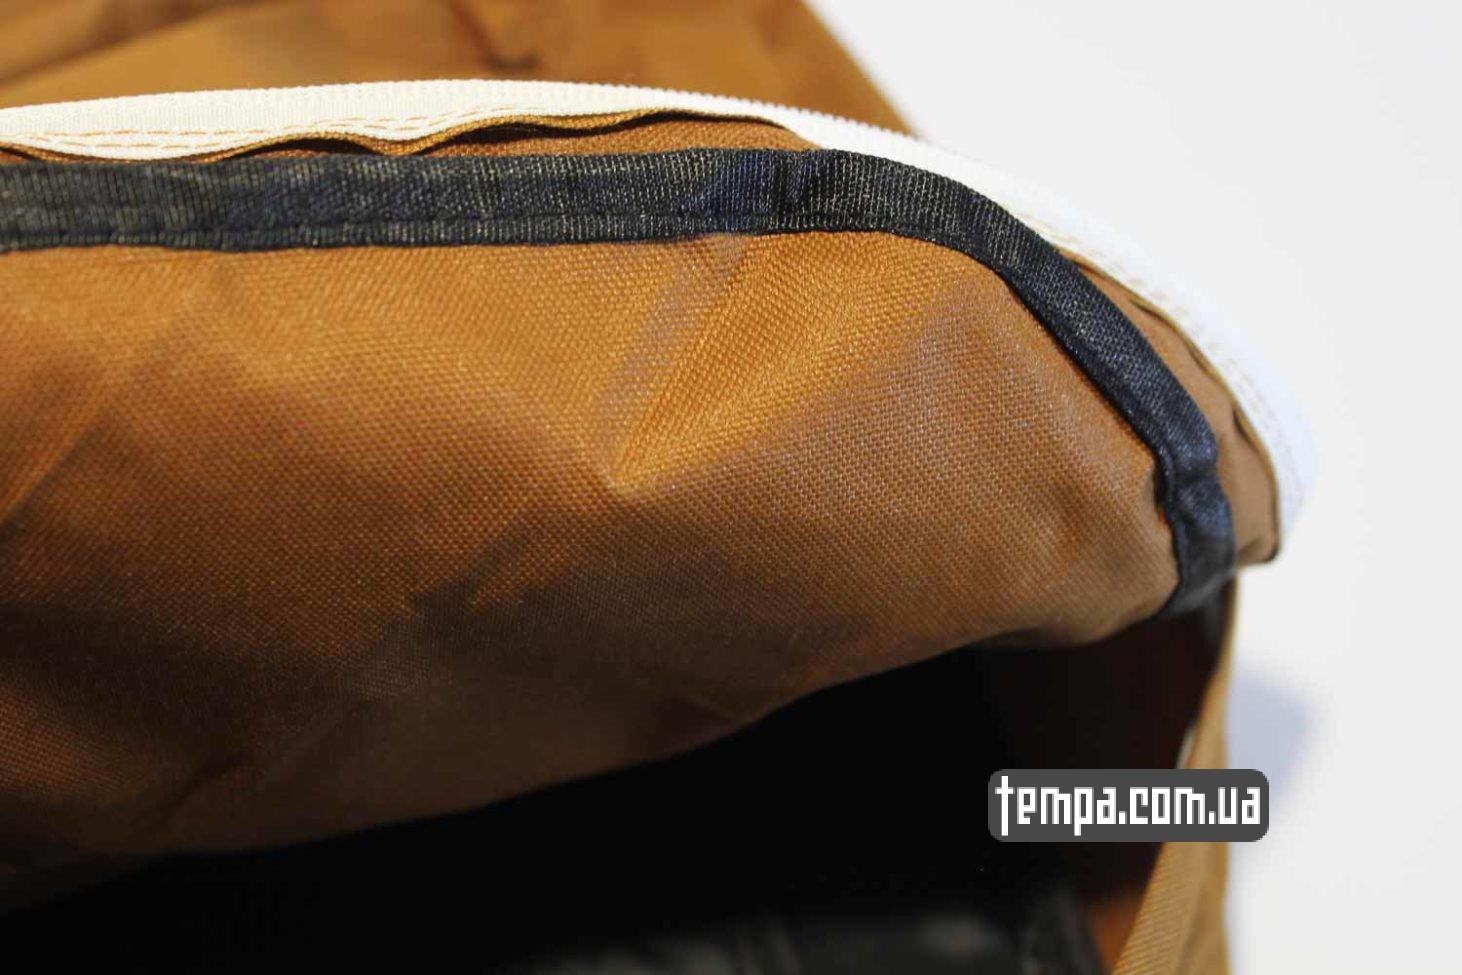 качественный школьный рюкзак Carhartt коричневый купить оригинал bagpack кархартт